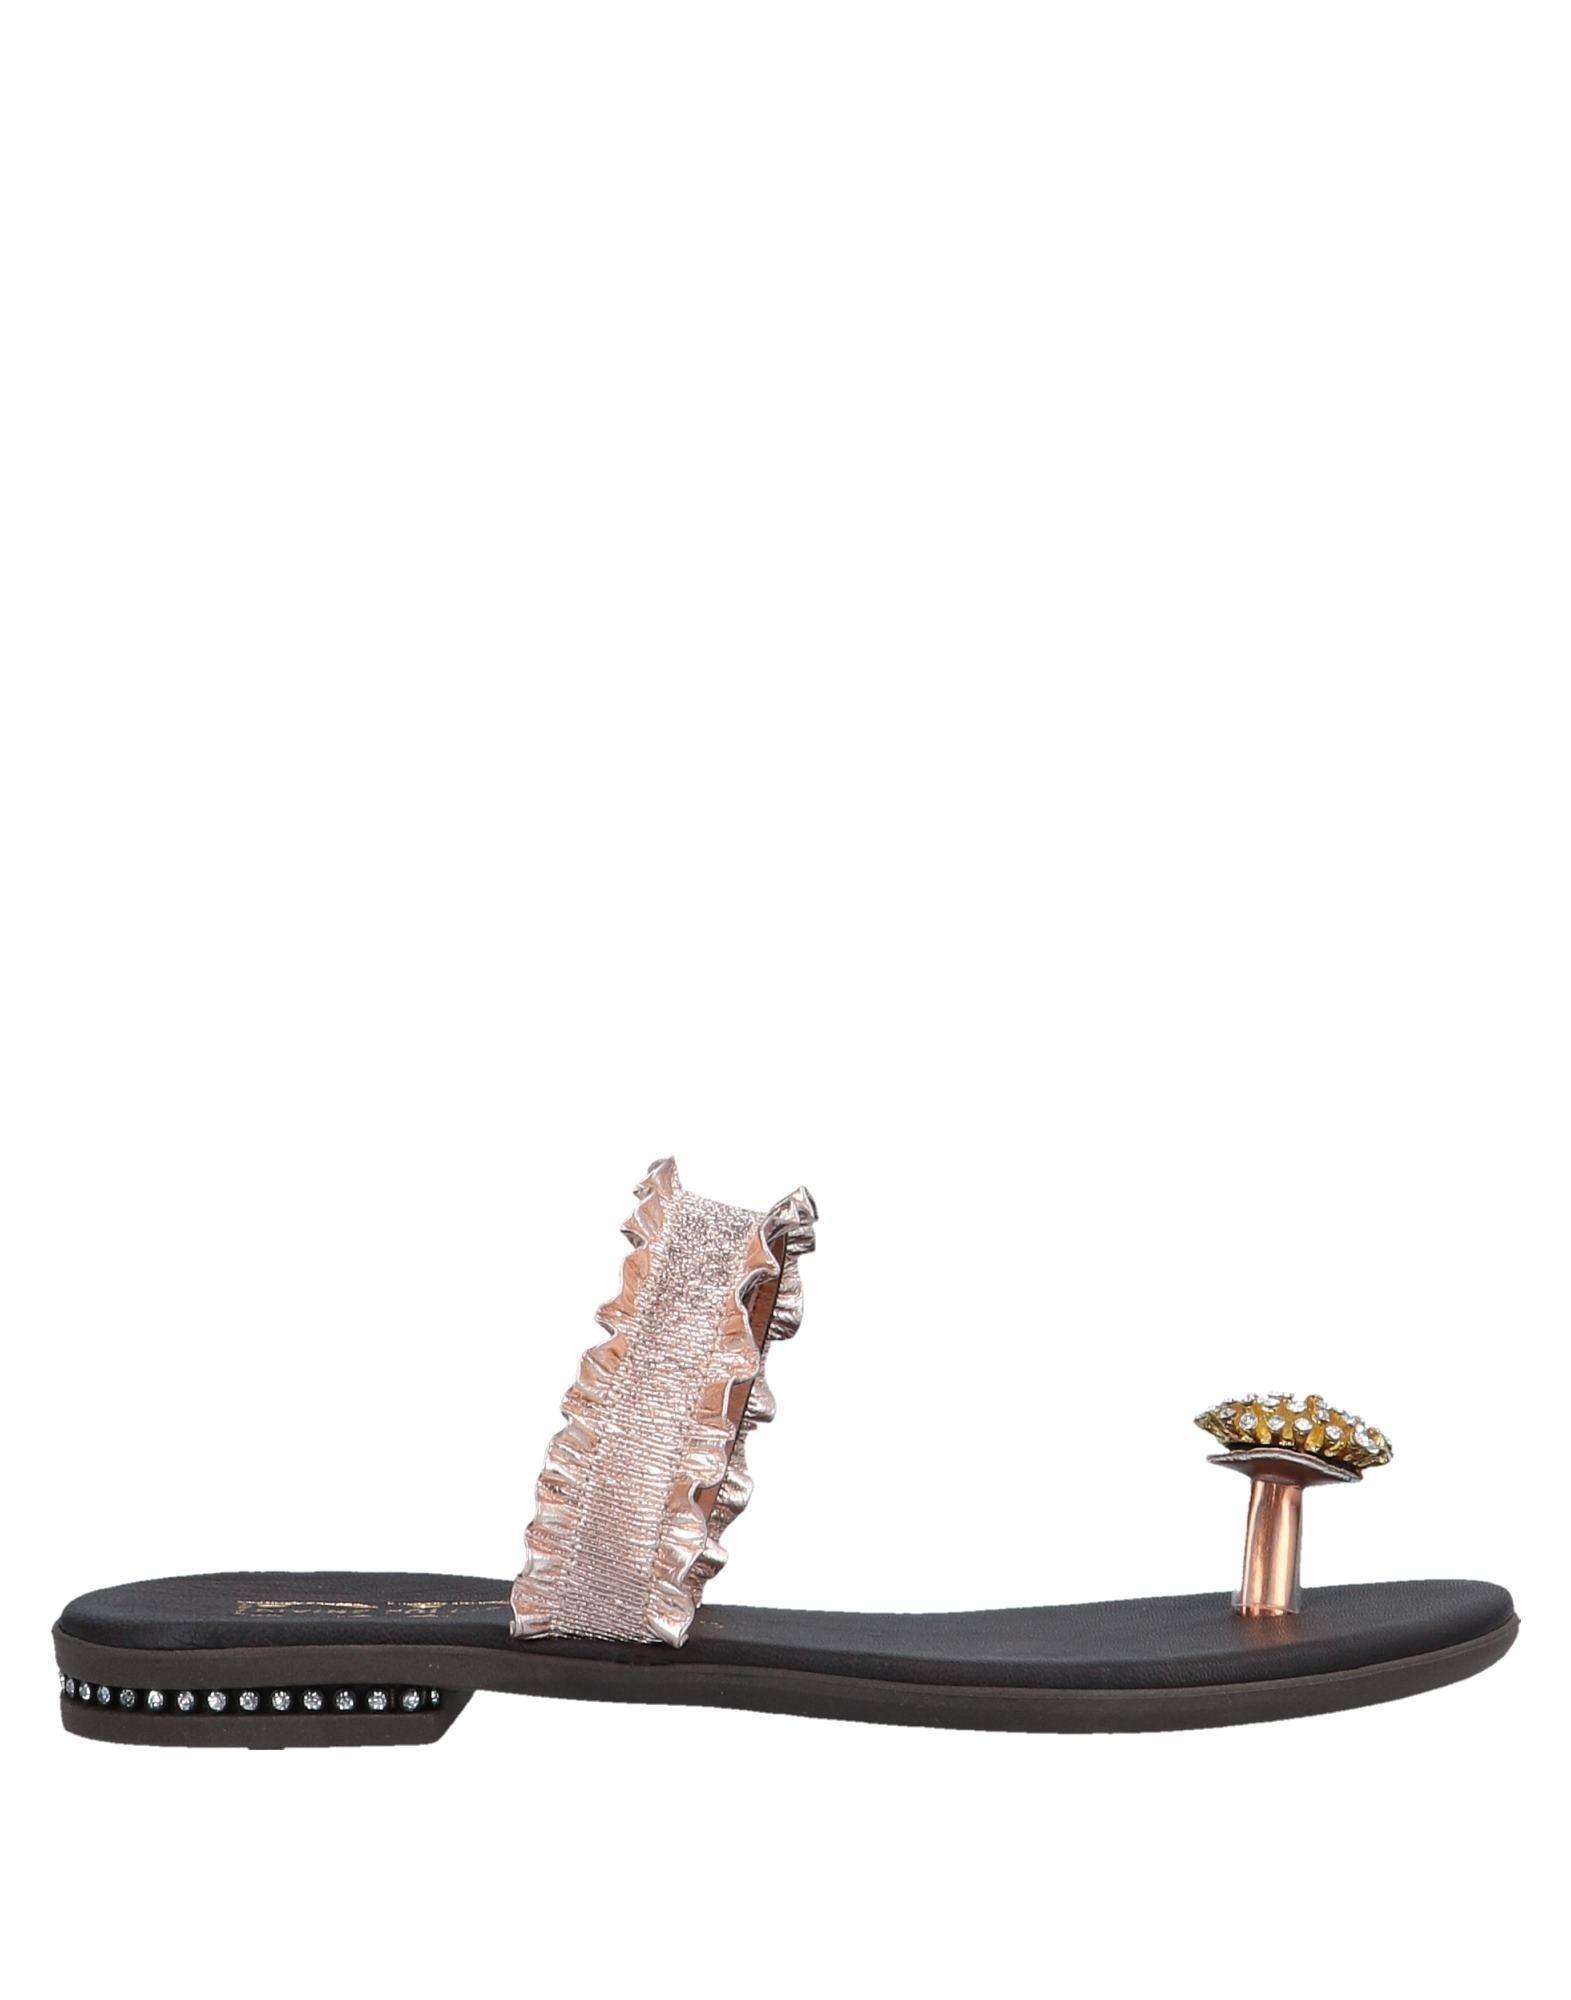 Divine Follie Gute Dianetten Damen  11571292KT Gute Follie Qualität beliebte Schuhe cb8dc8